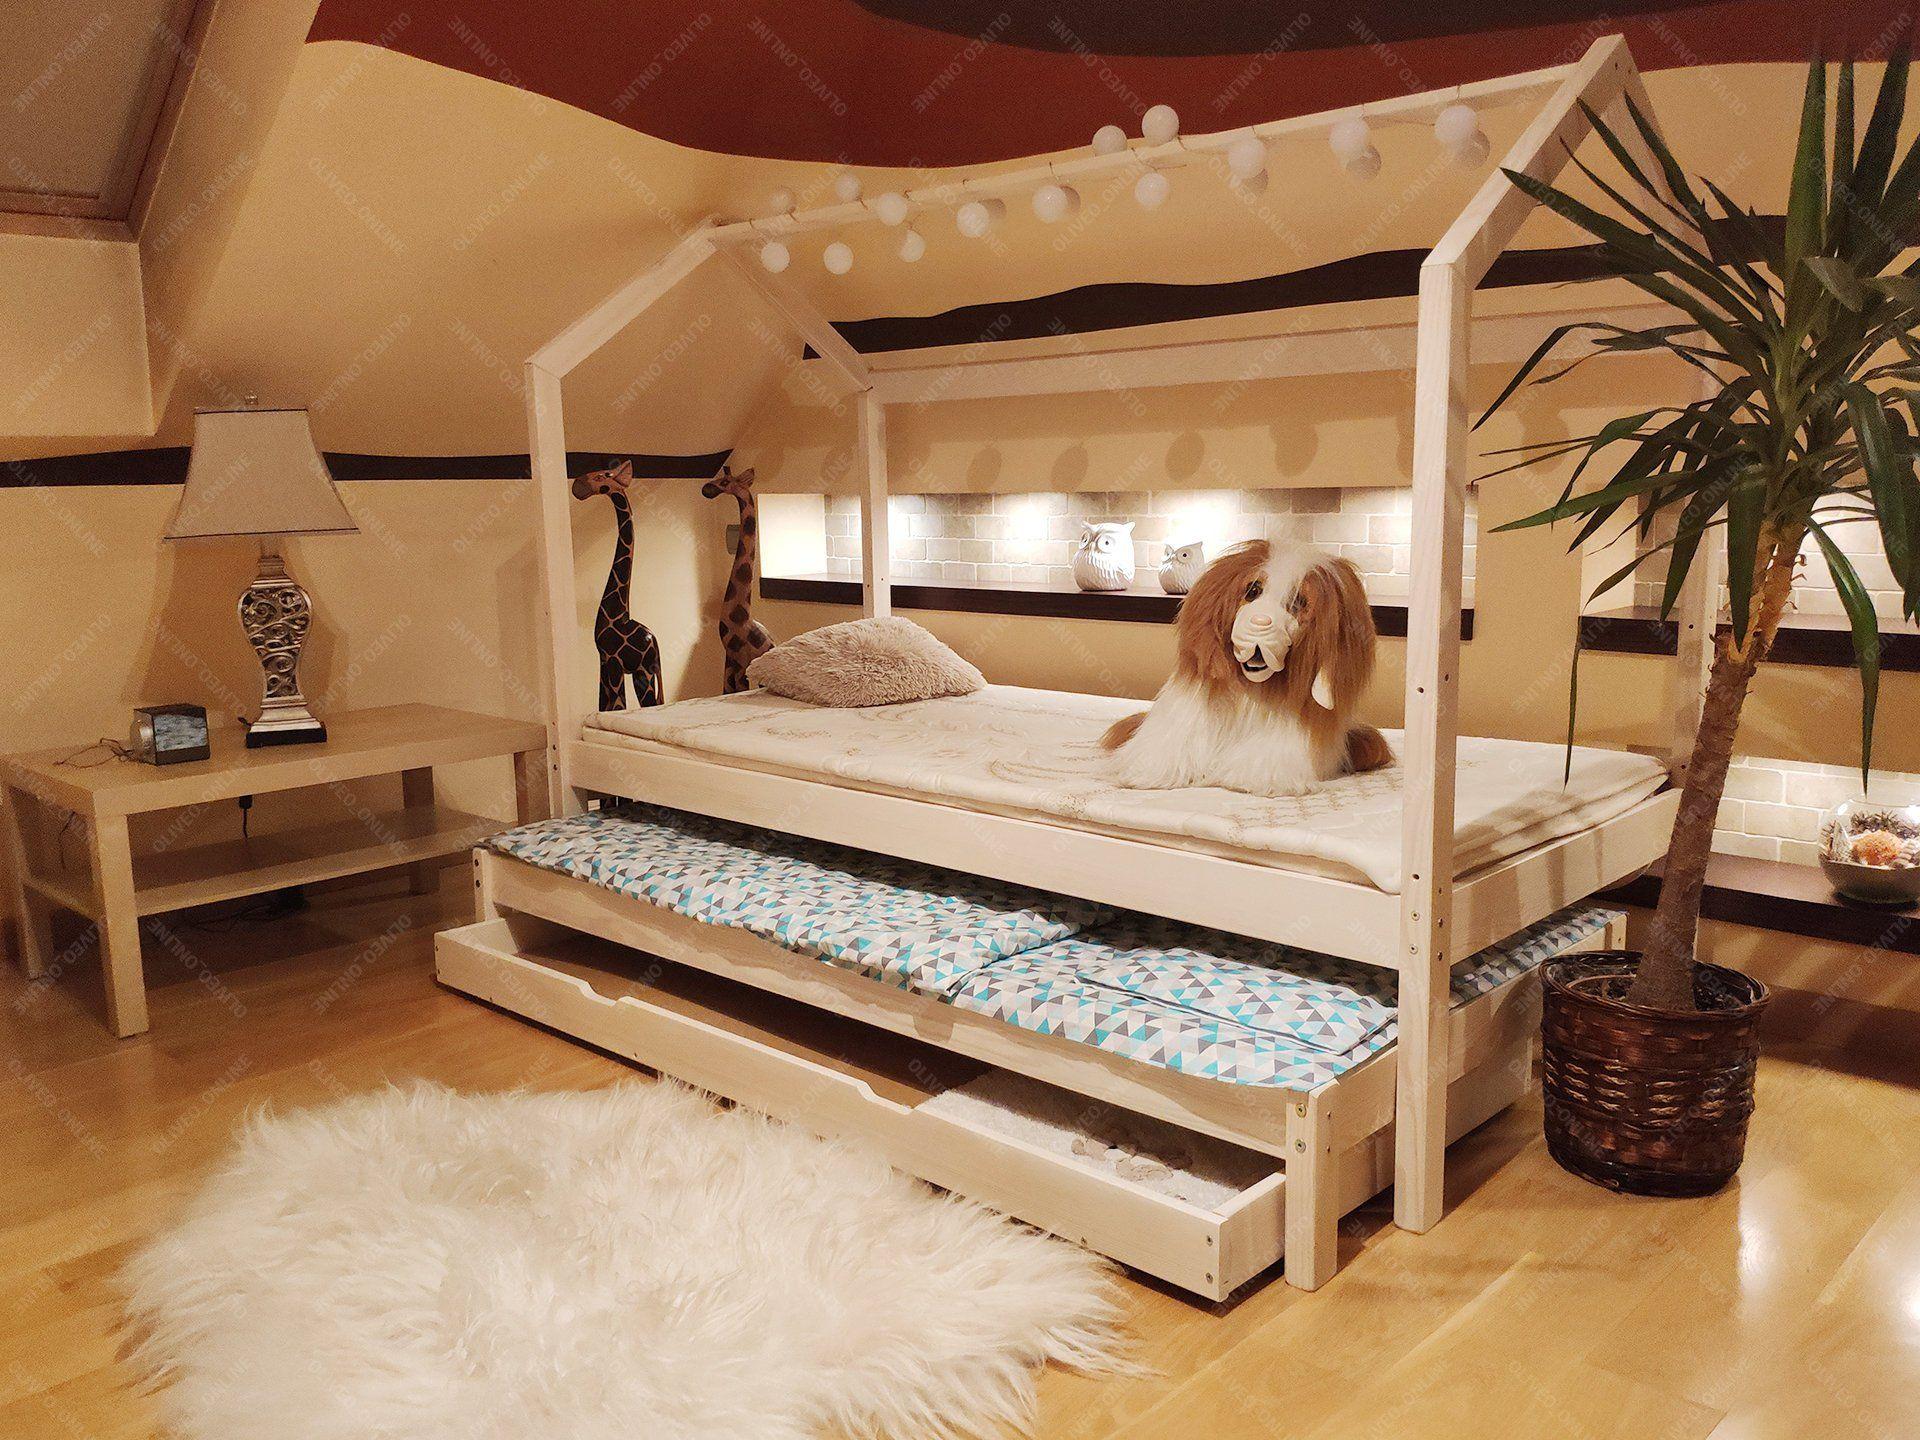 Doppelbett Hausbett, Kinderhaus, Bett für Kinder